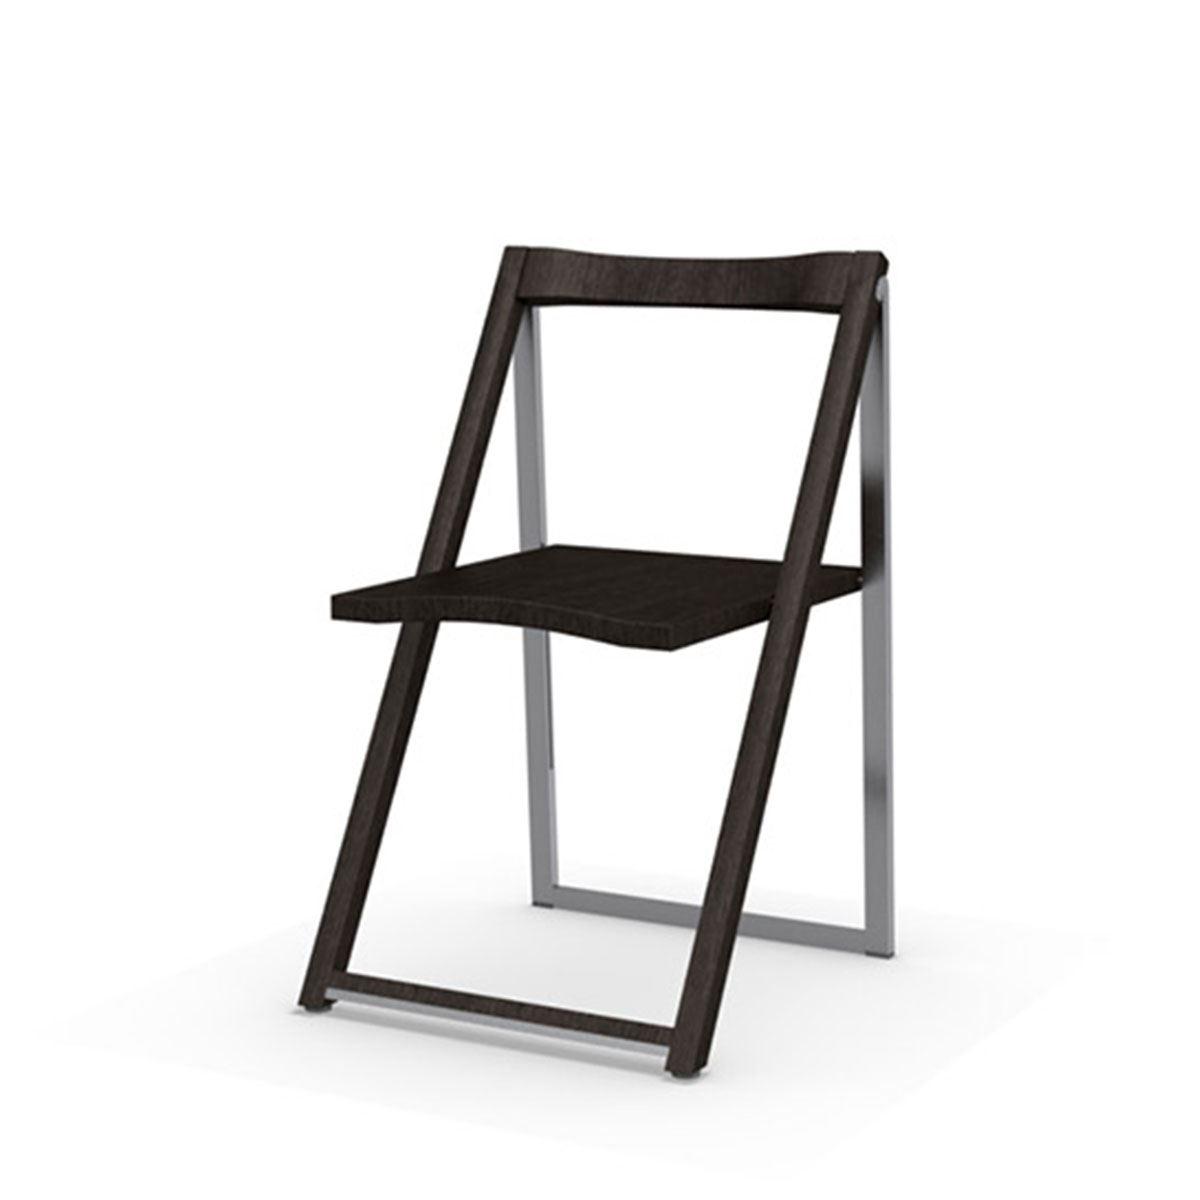 Skip Aluminium Wood Folding Chair ...